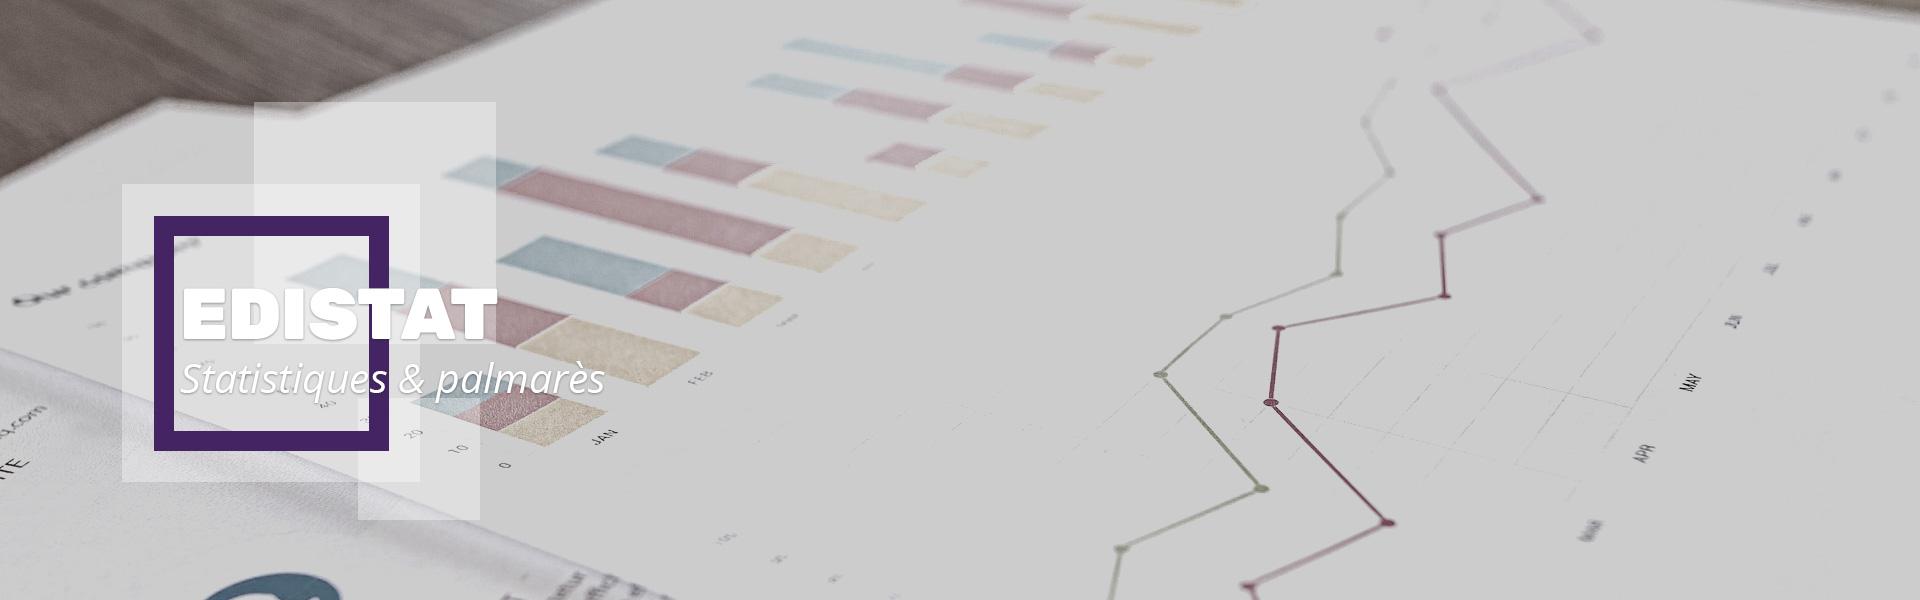 Edistat - Statistiques & Palmarès